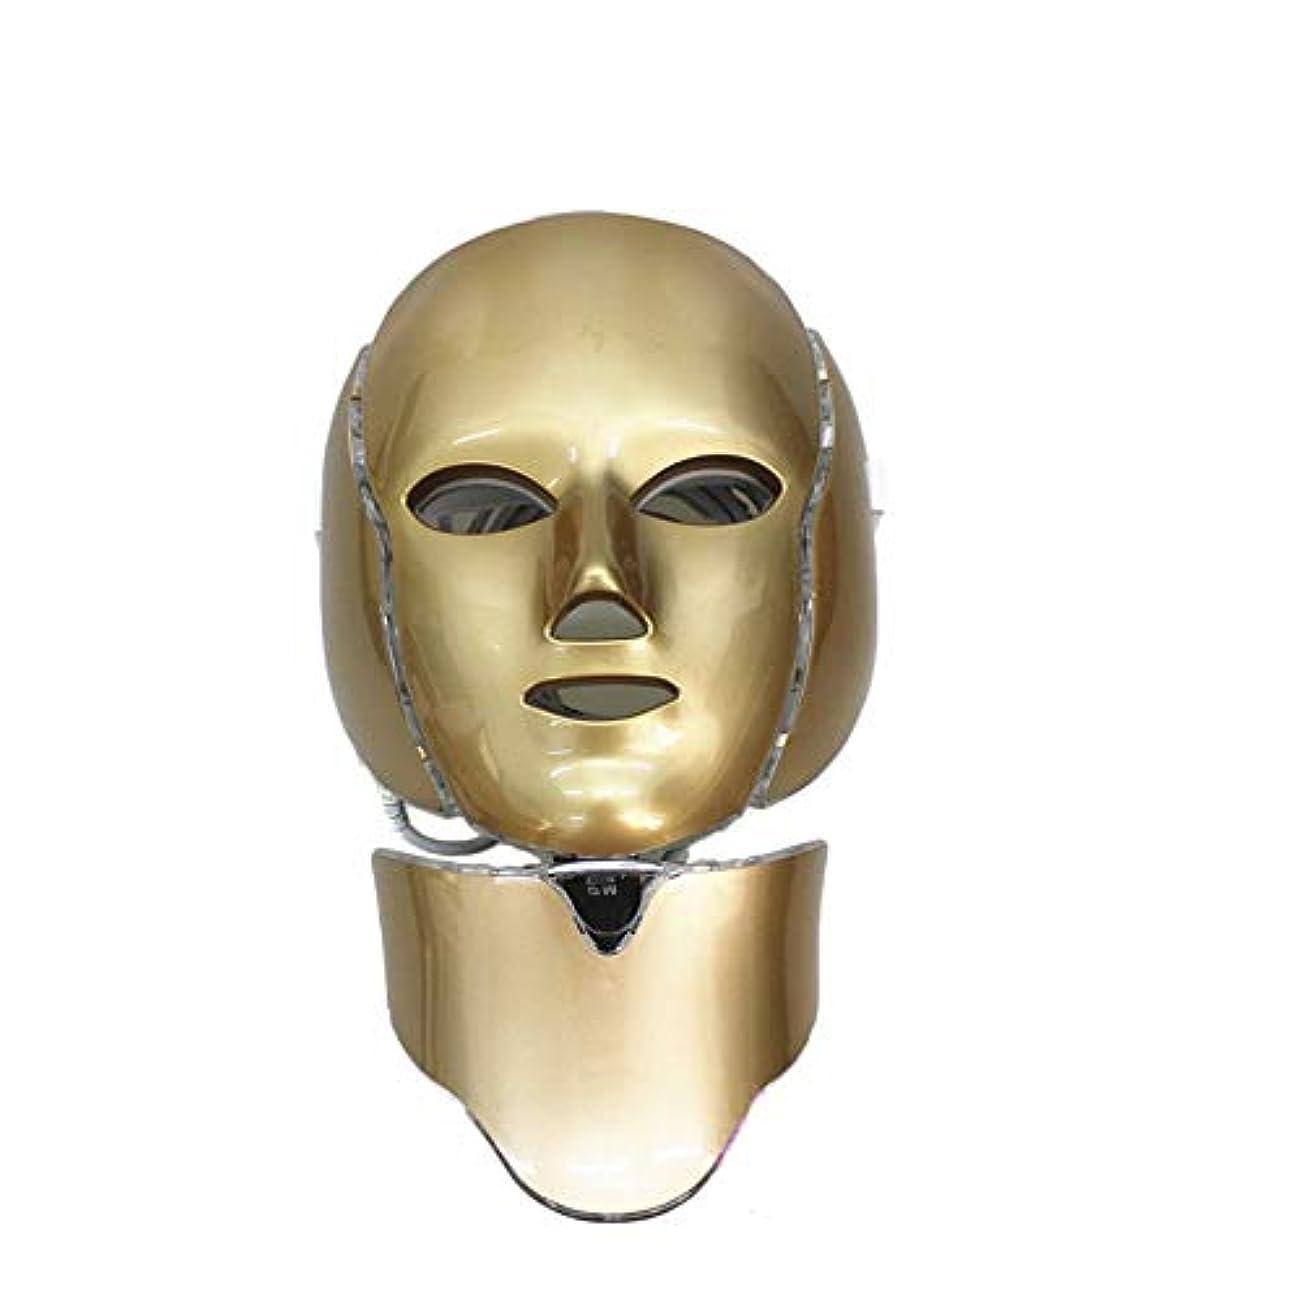 アンテナ消防士ただやるライトセラピー?マスク、ライトセラピーの7色フェイシャルマスクセラピー光子は、にきびスポットリンクル傷を硬化、フェイススキンケア若返りのためのアンチエイジングスキンマスクLEDネックにきび治療をマスク (Color :...